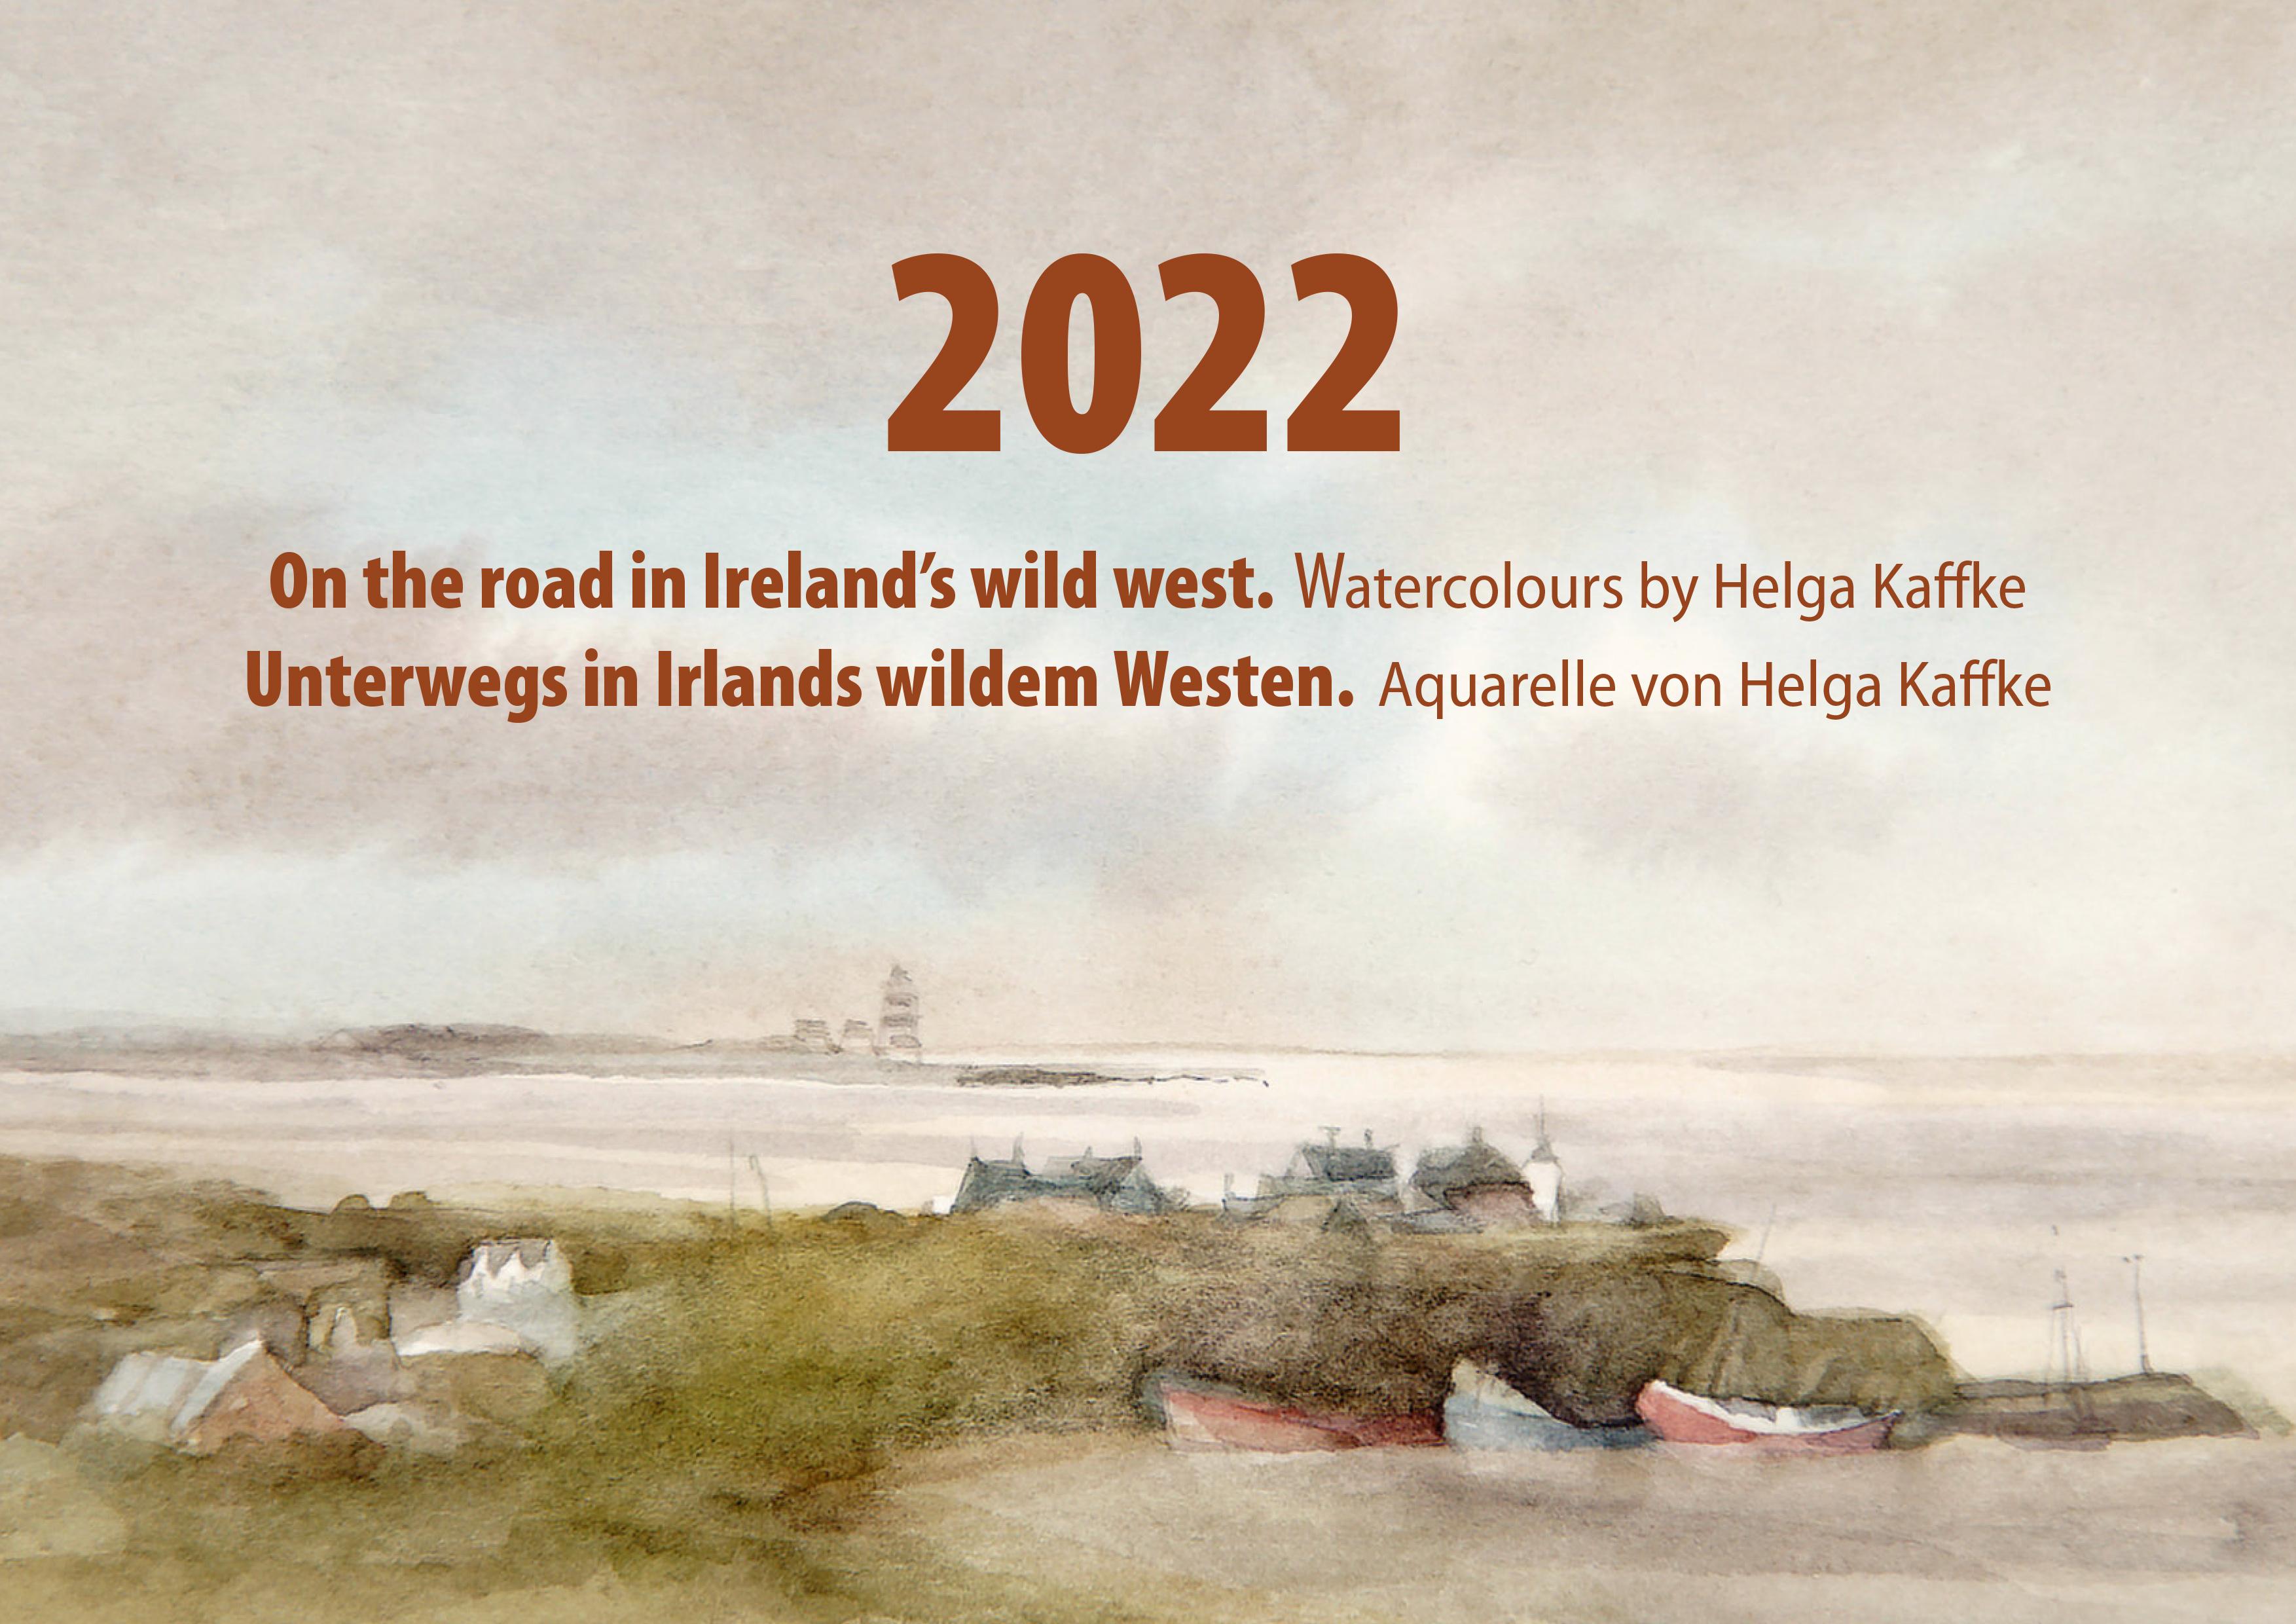 Unterwegs in Irlands wildem Westen/On the road in Ireland's wild west. Kalender 2022 von Helga Kaffke